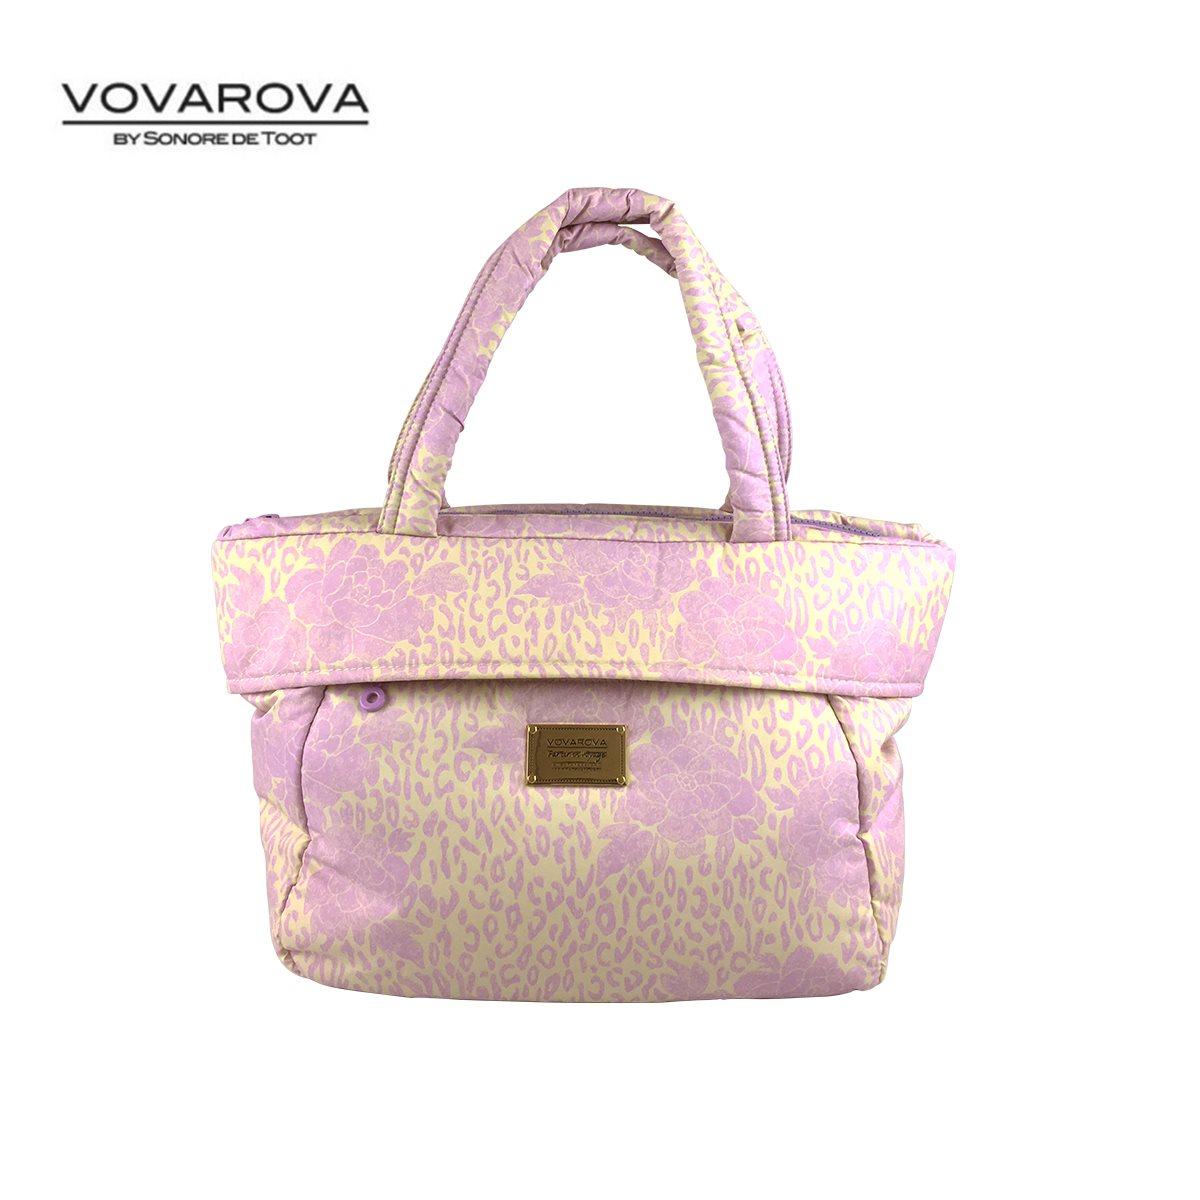 粉红色邮差包 VFOVAROVA反折邮差包粉红色运动机能背包单肩包斜挎包女士国潮包._推荐淘宝好看的粉红色邮差包